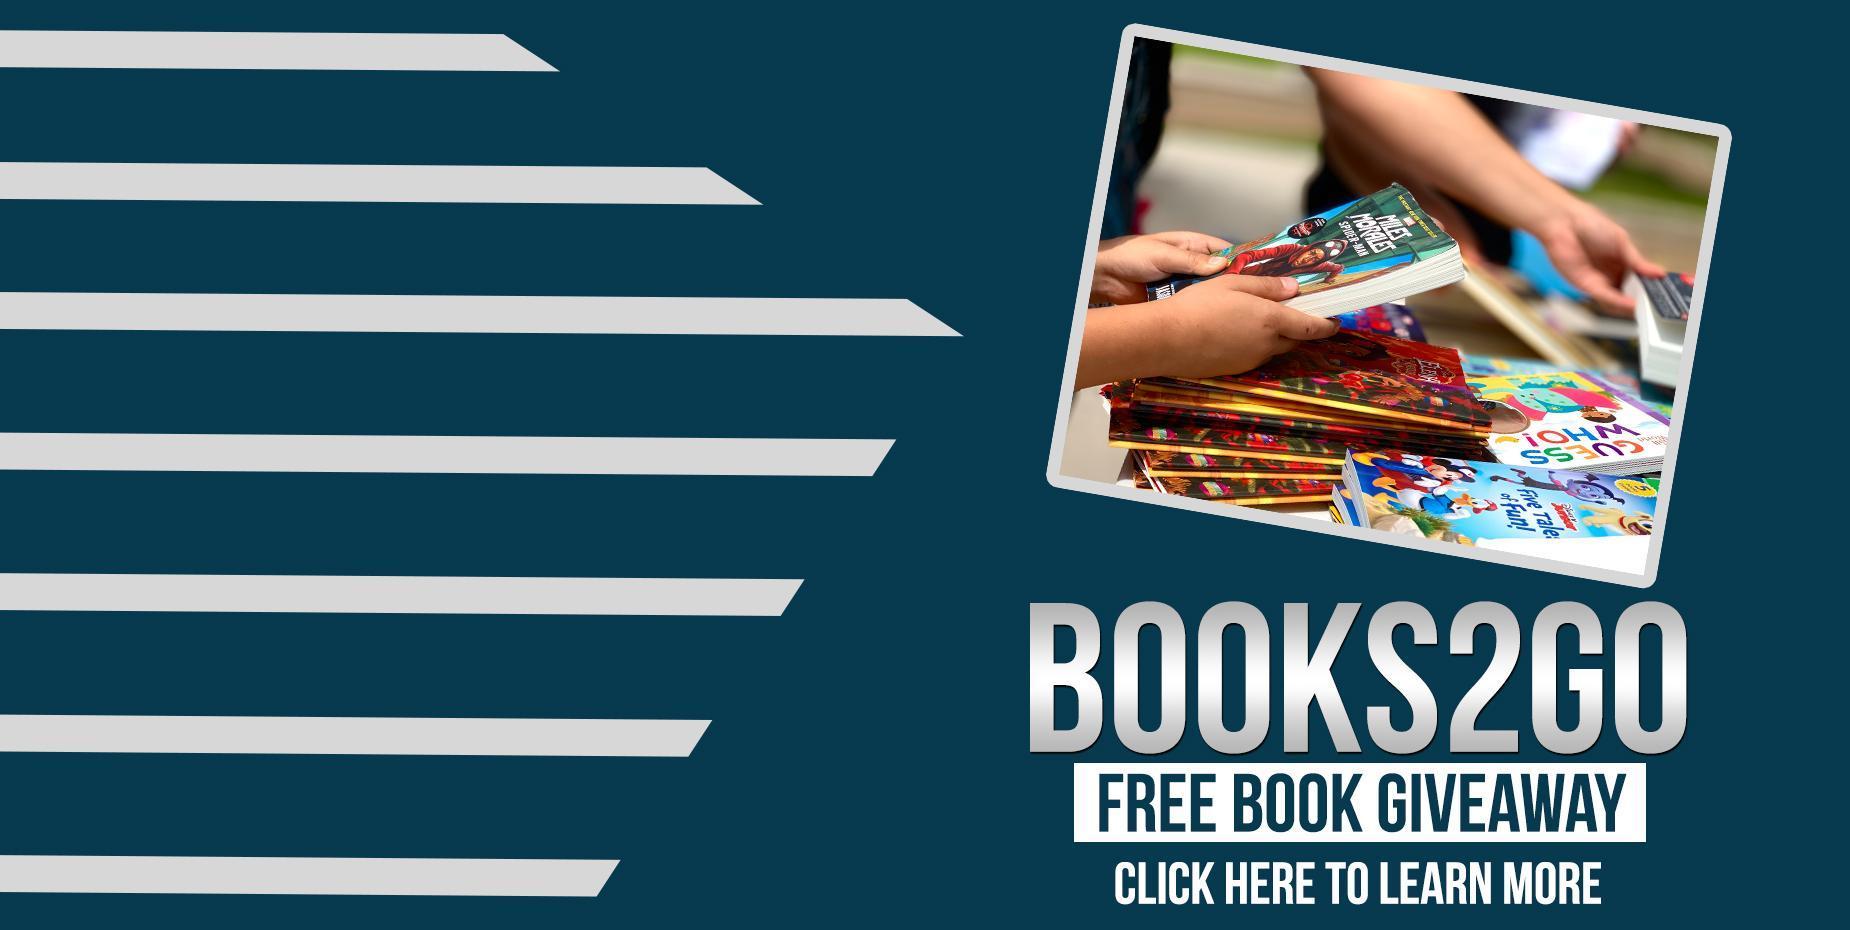 Books2Go